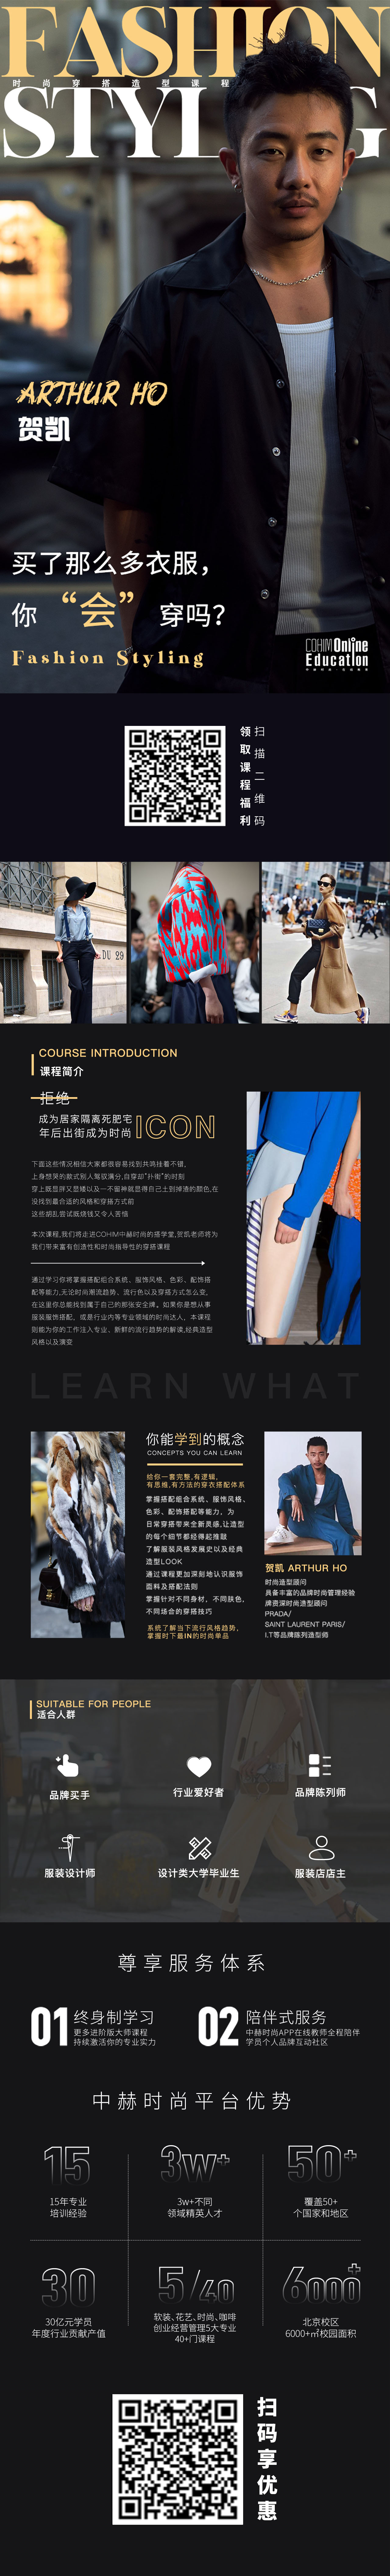 贺凯-时尚穿搭造型系统课程-增加文案的副本.jpg